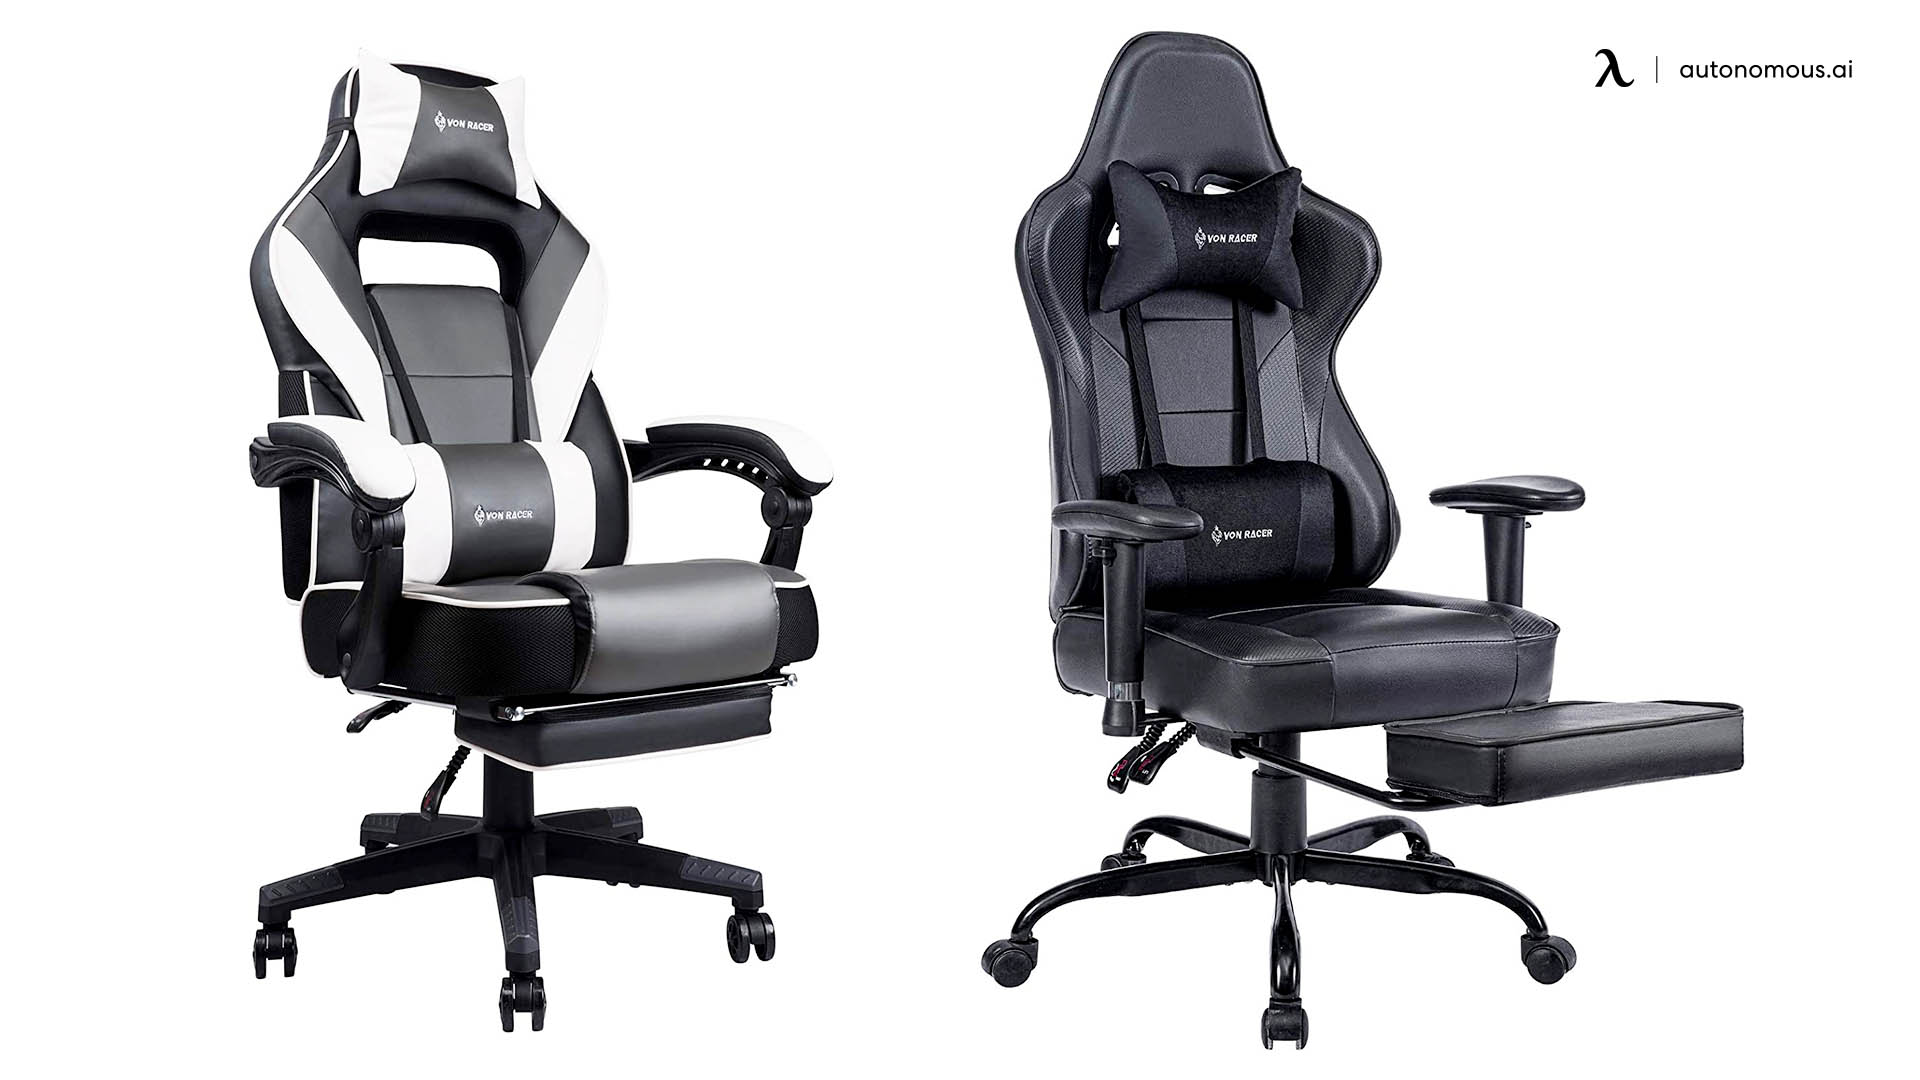 Von Racer 360-degree Reclining Office Chair